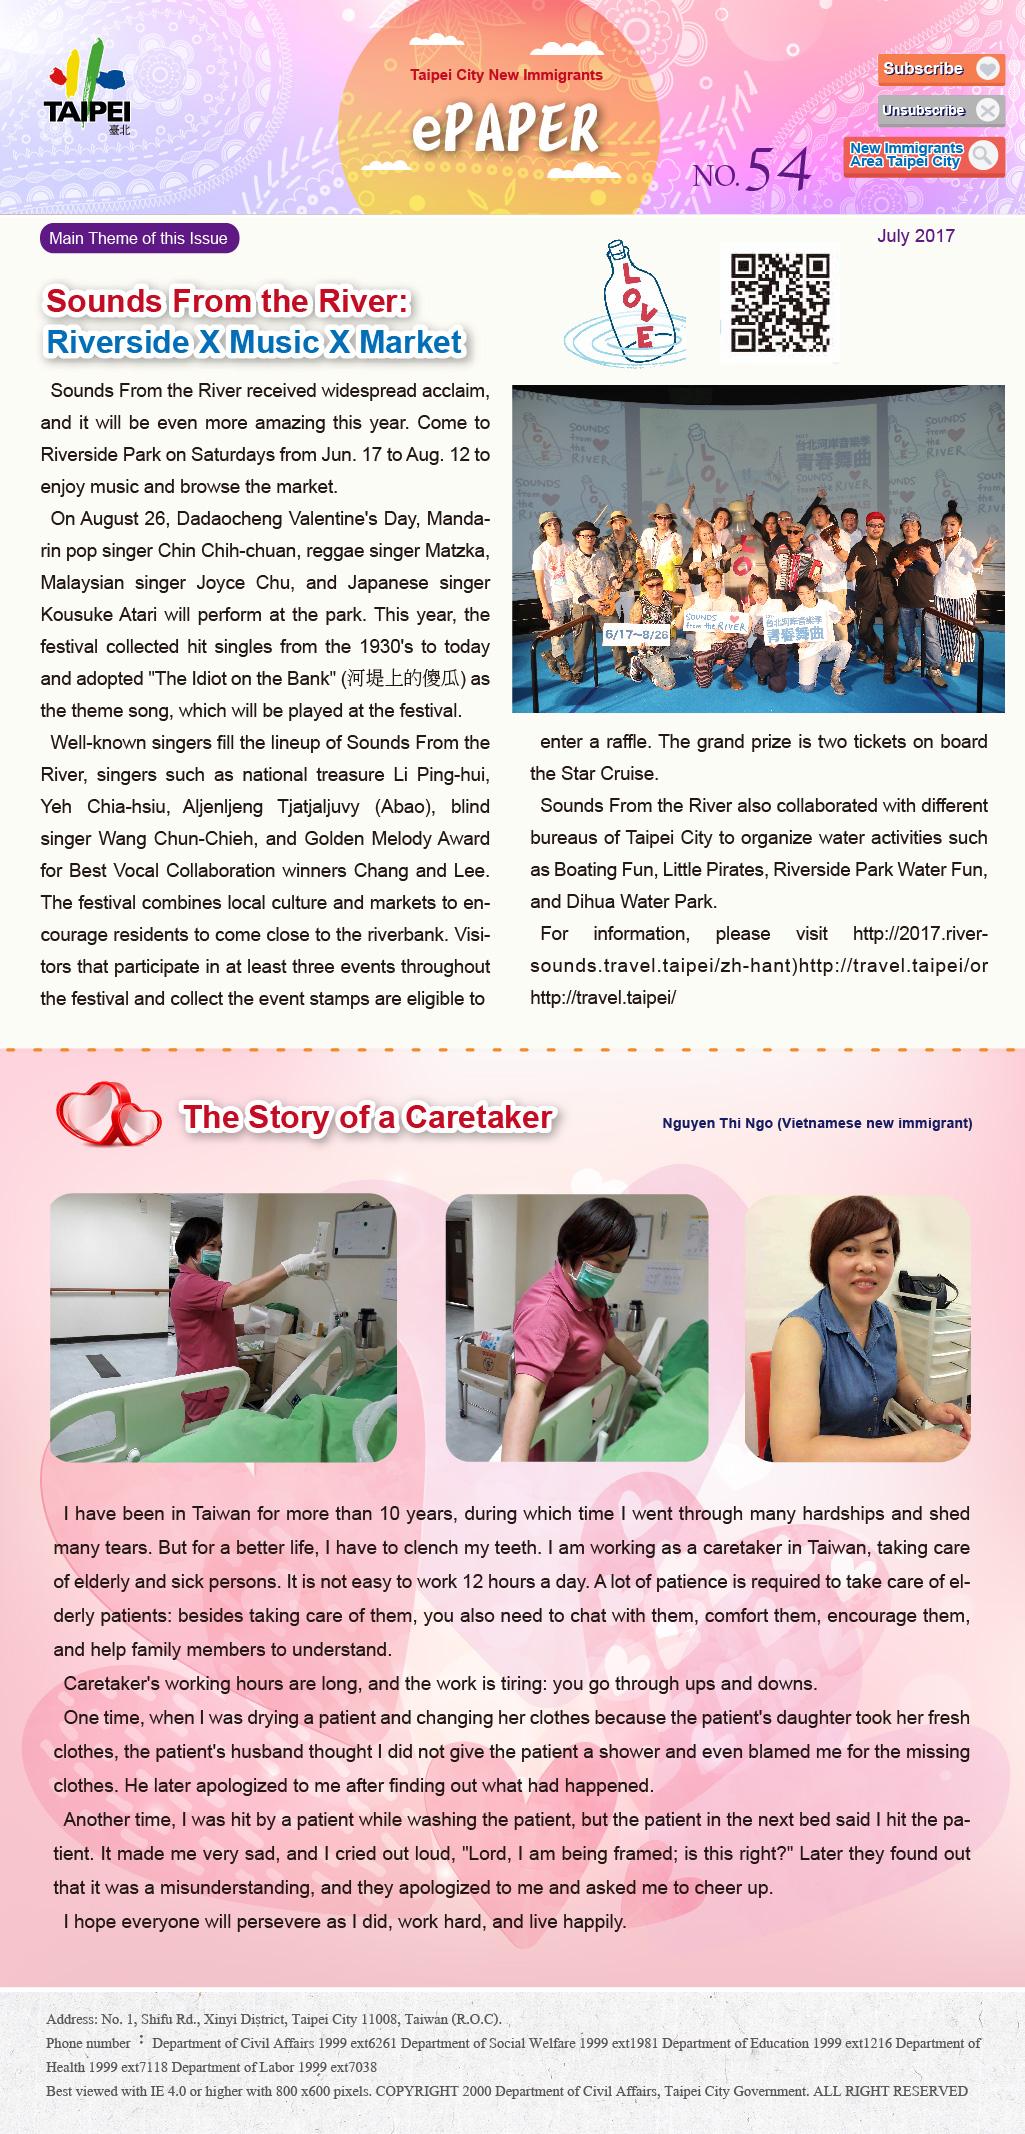 臺北市新移民電子報-7月份期刊